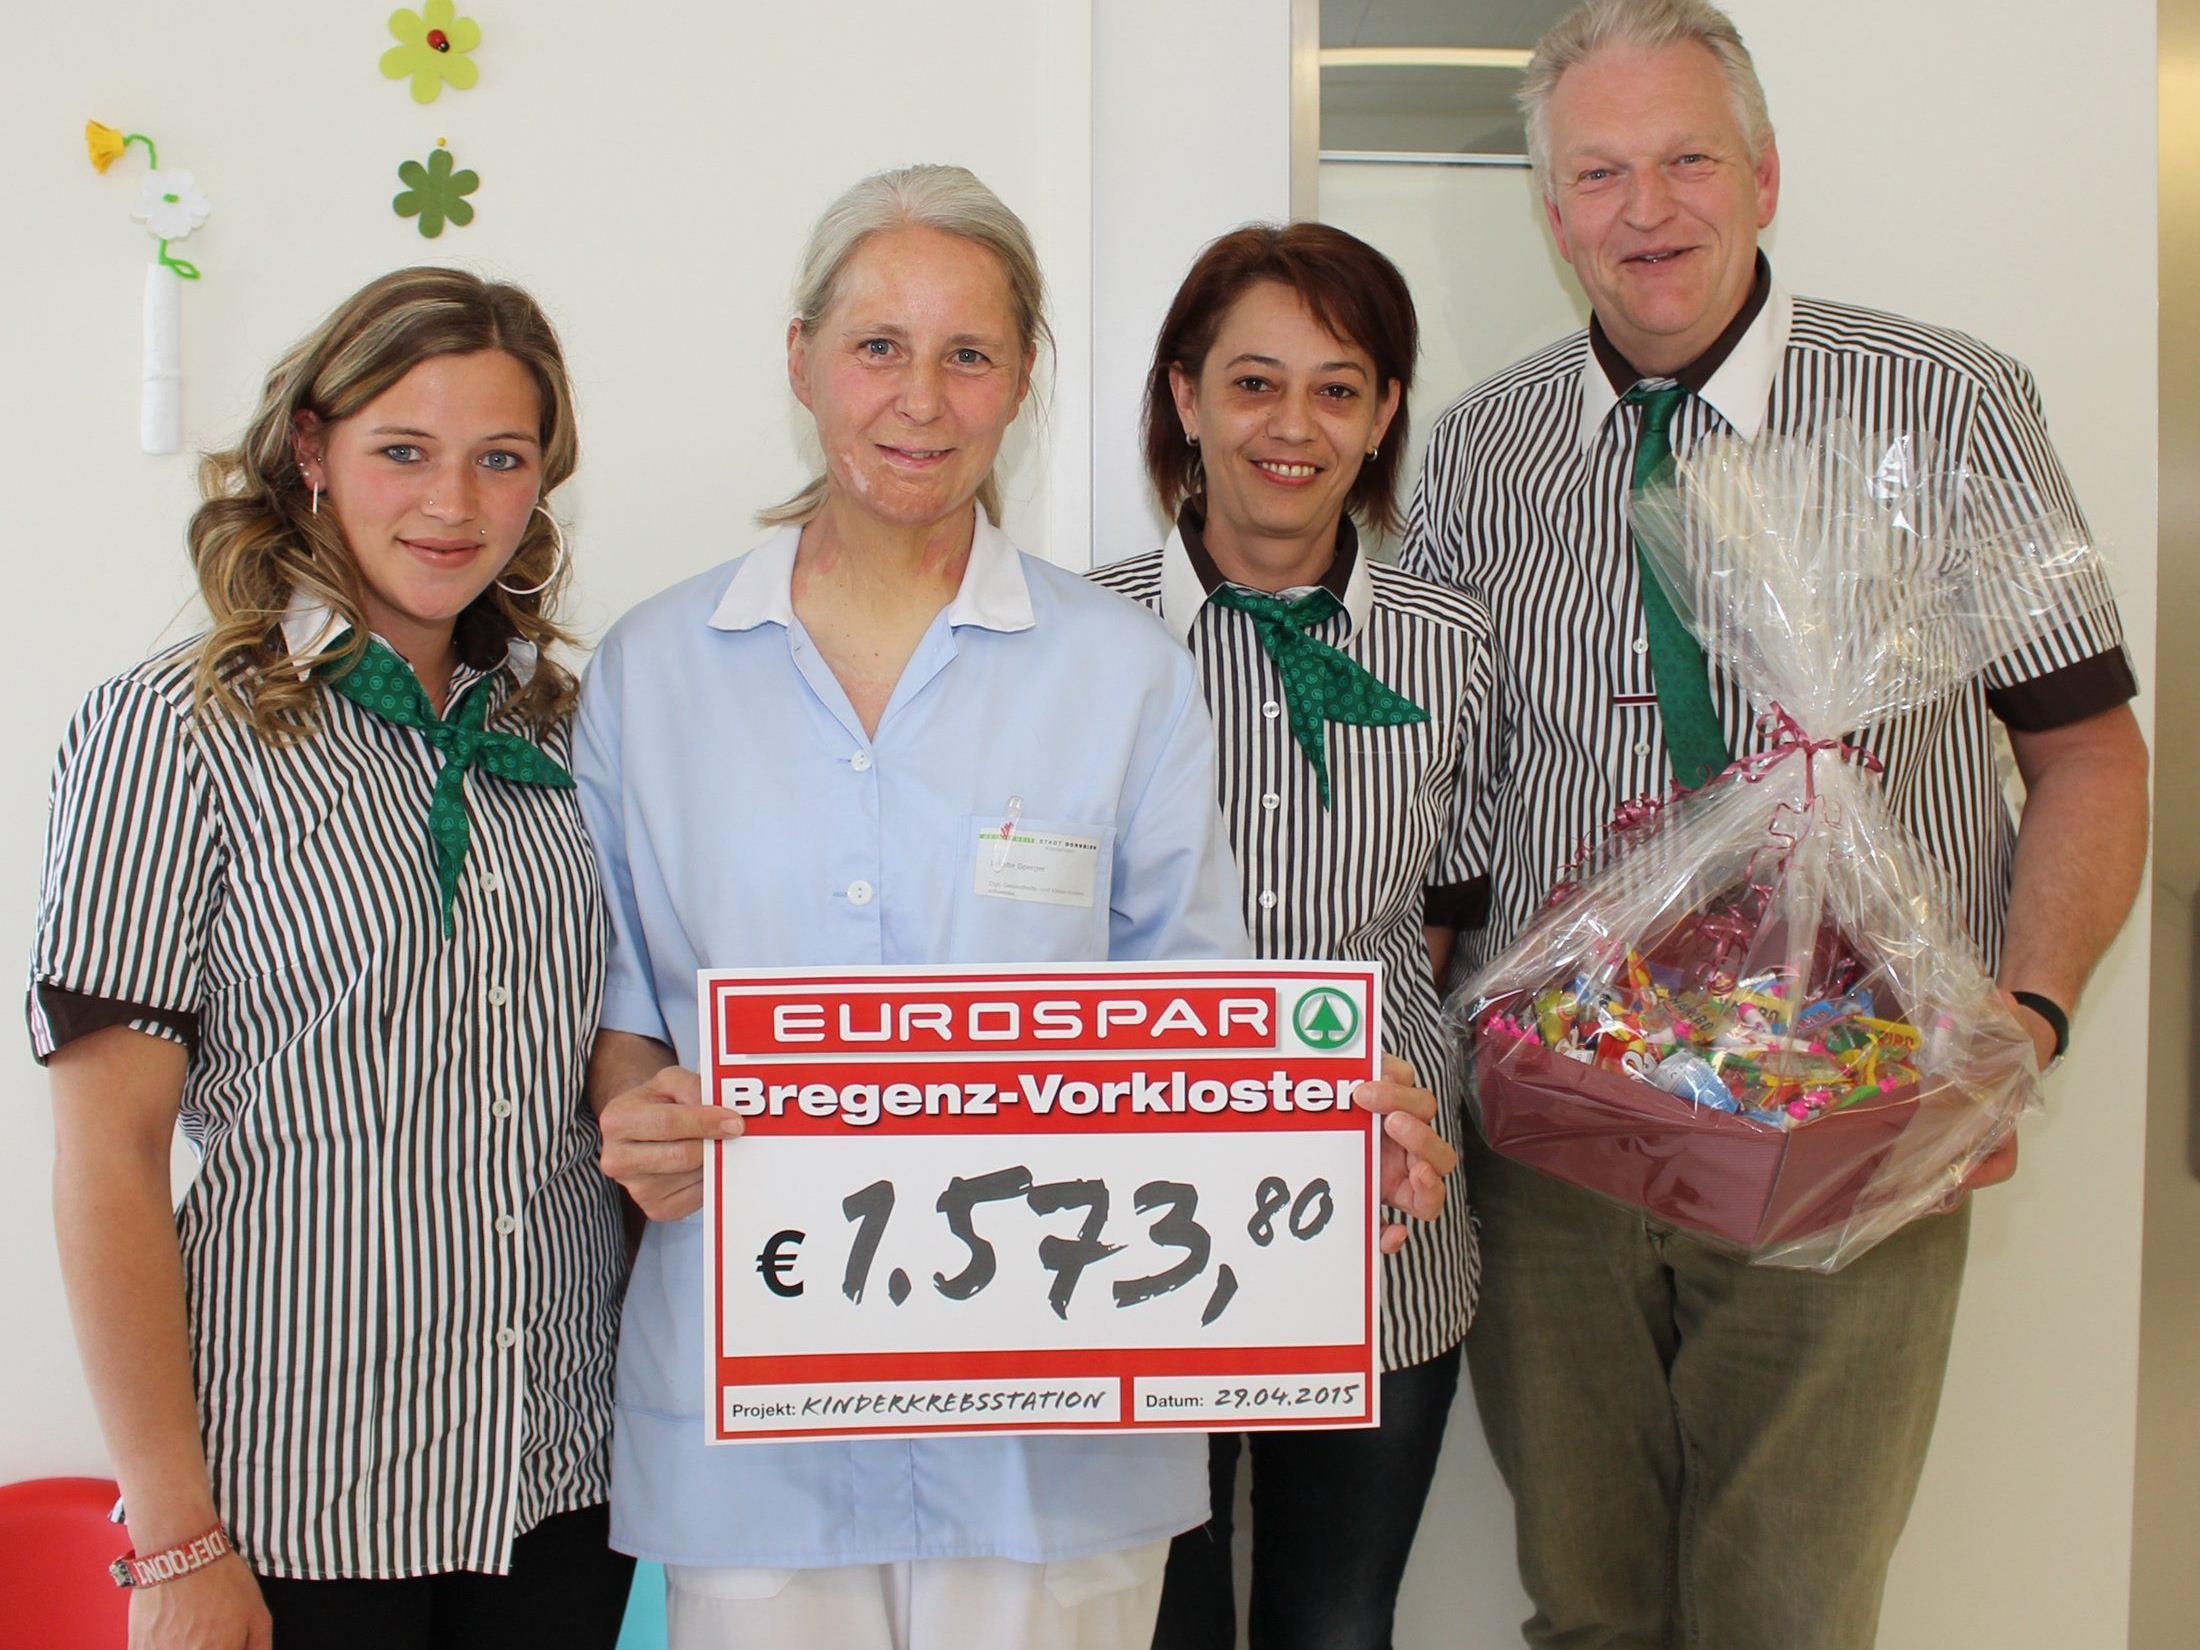 Marktleiter Kurt Türtscher (rechts) mit Corinna Vonach (links) und Susanne Büchele (2. v.r.) vom EUROSPAR Bregenz-Vorkloster übergeben den Spendenscheck an DGKS Brigitte Sperger (2. v.l.)